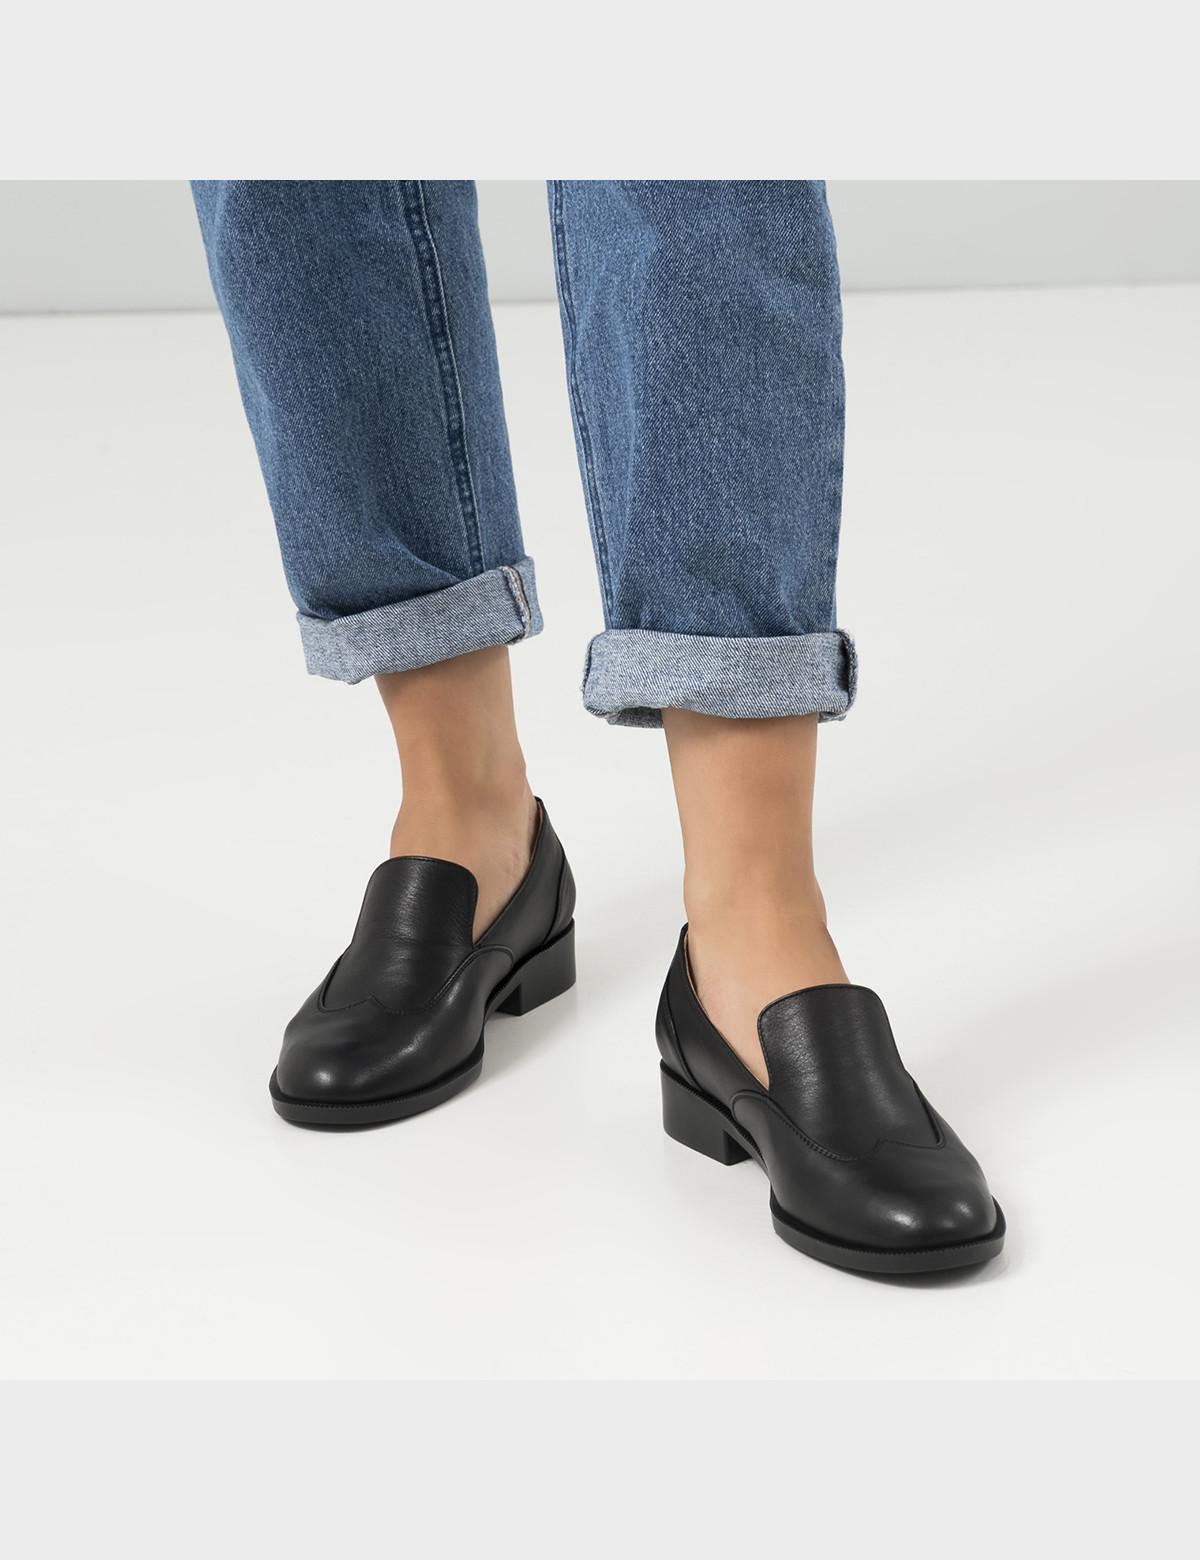 Туфлі чорні, натуральна шкіра5